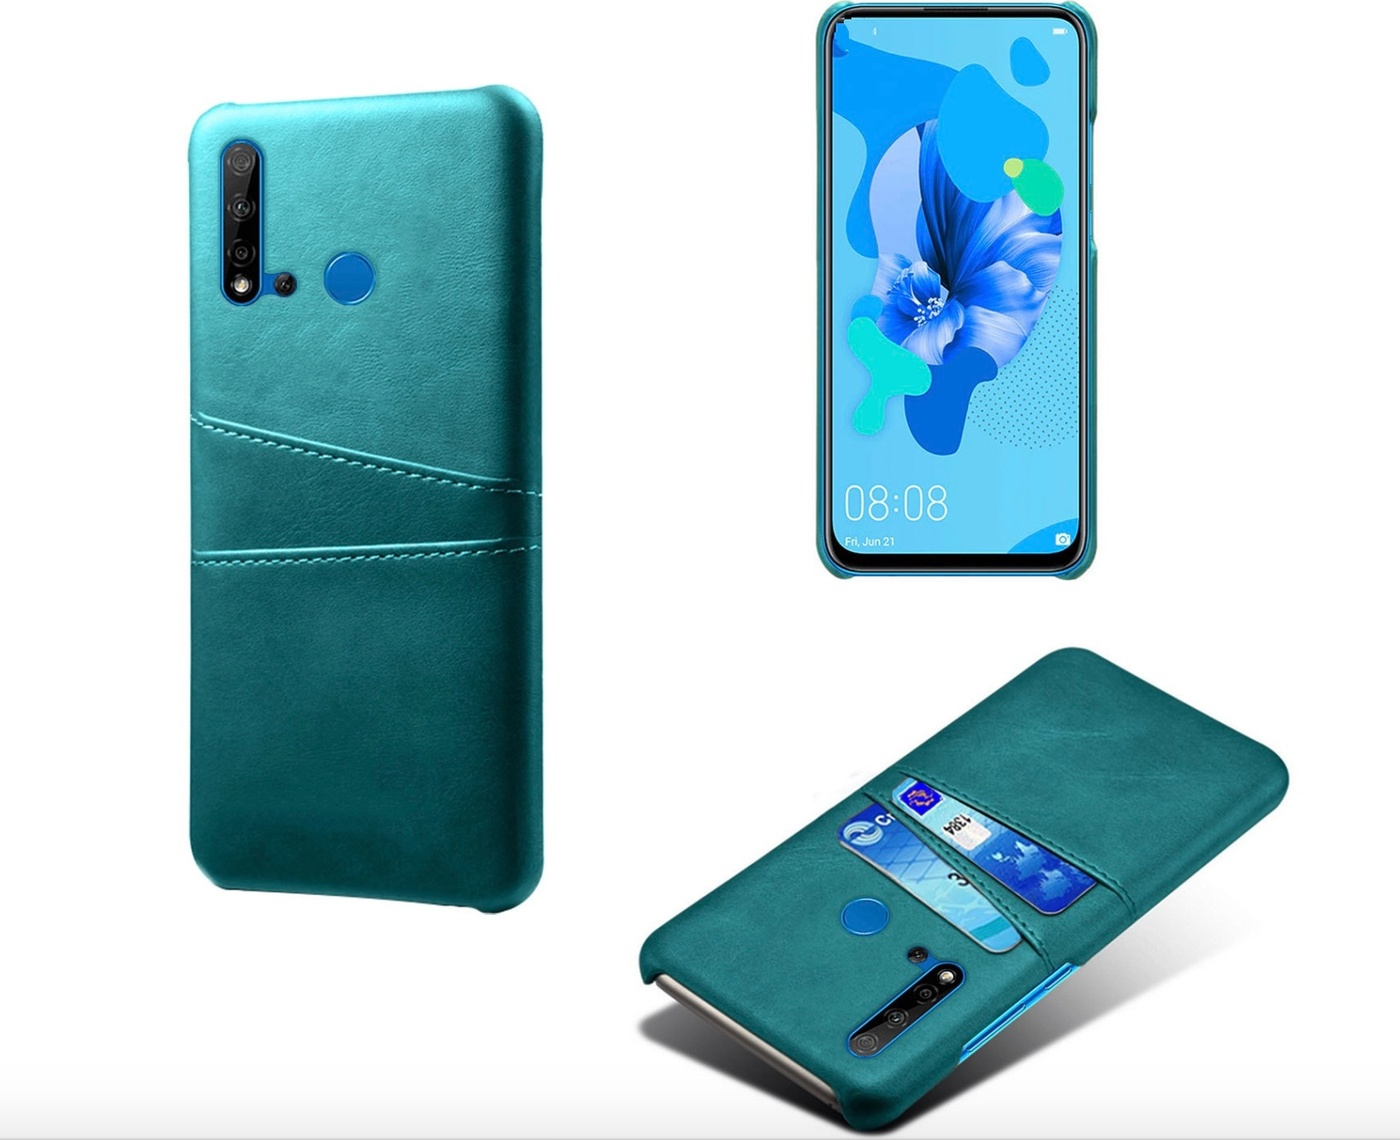 Чехол панель-накладка MyPads для Huawei Y5 2019/Huawei Honor 8S из качественной импортной кожи с визитницей с отделением для банковских карт мужской женский зеленый